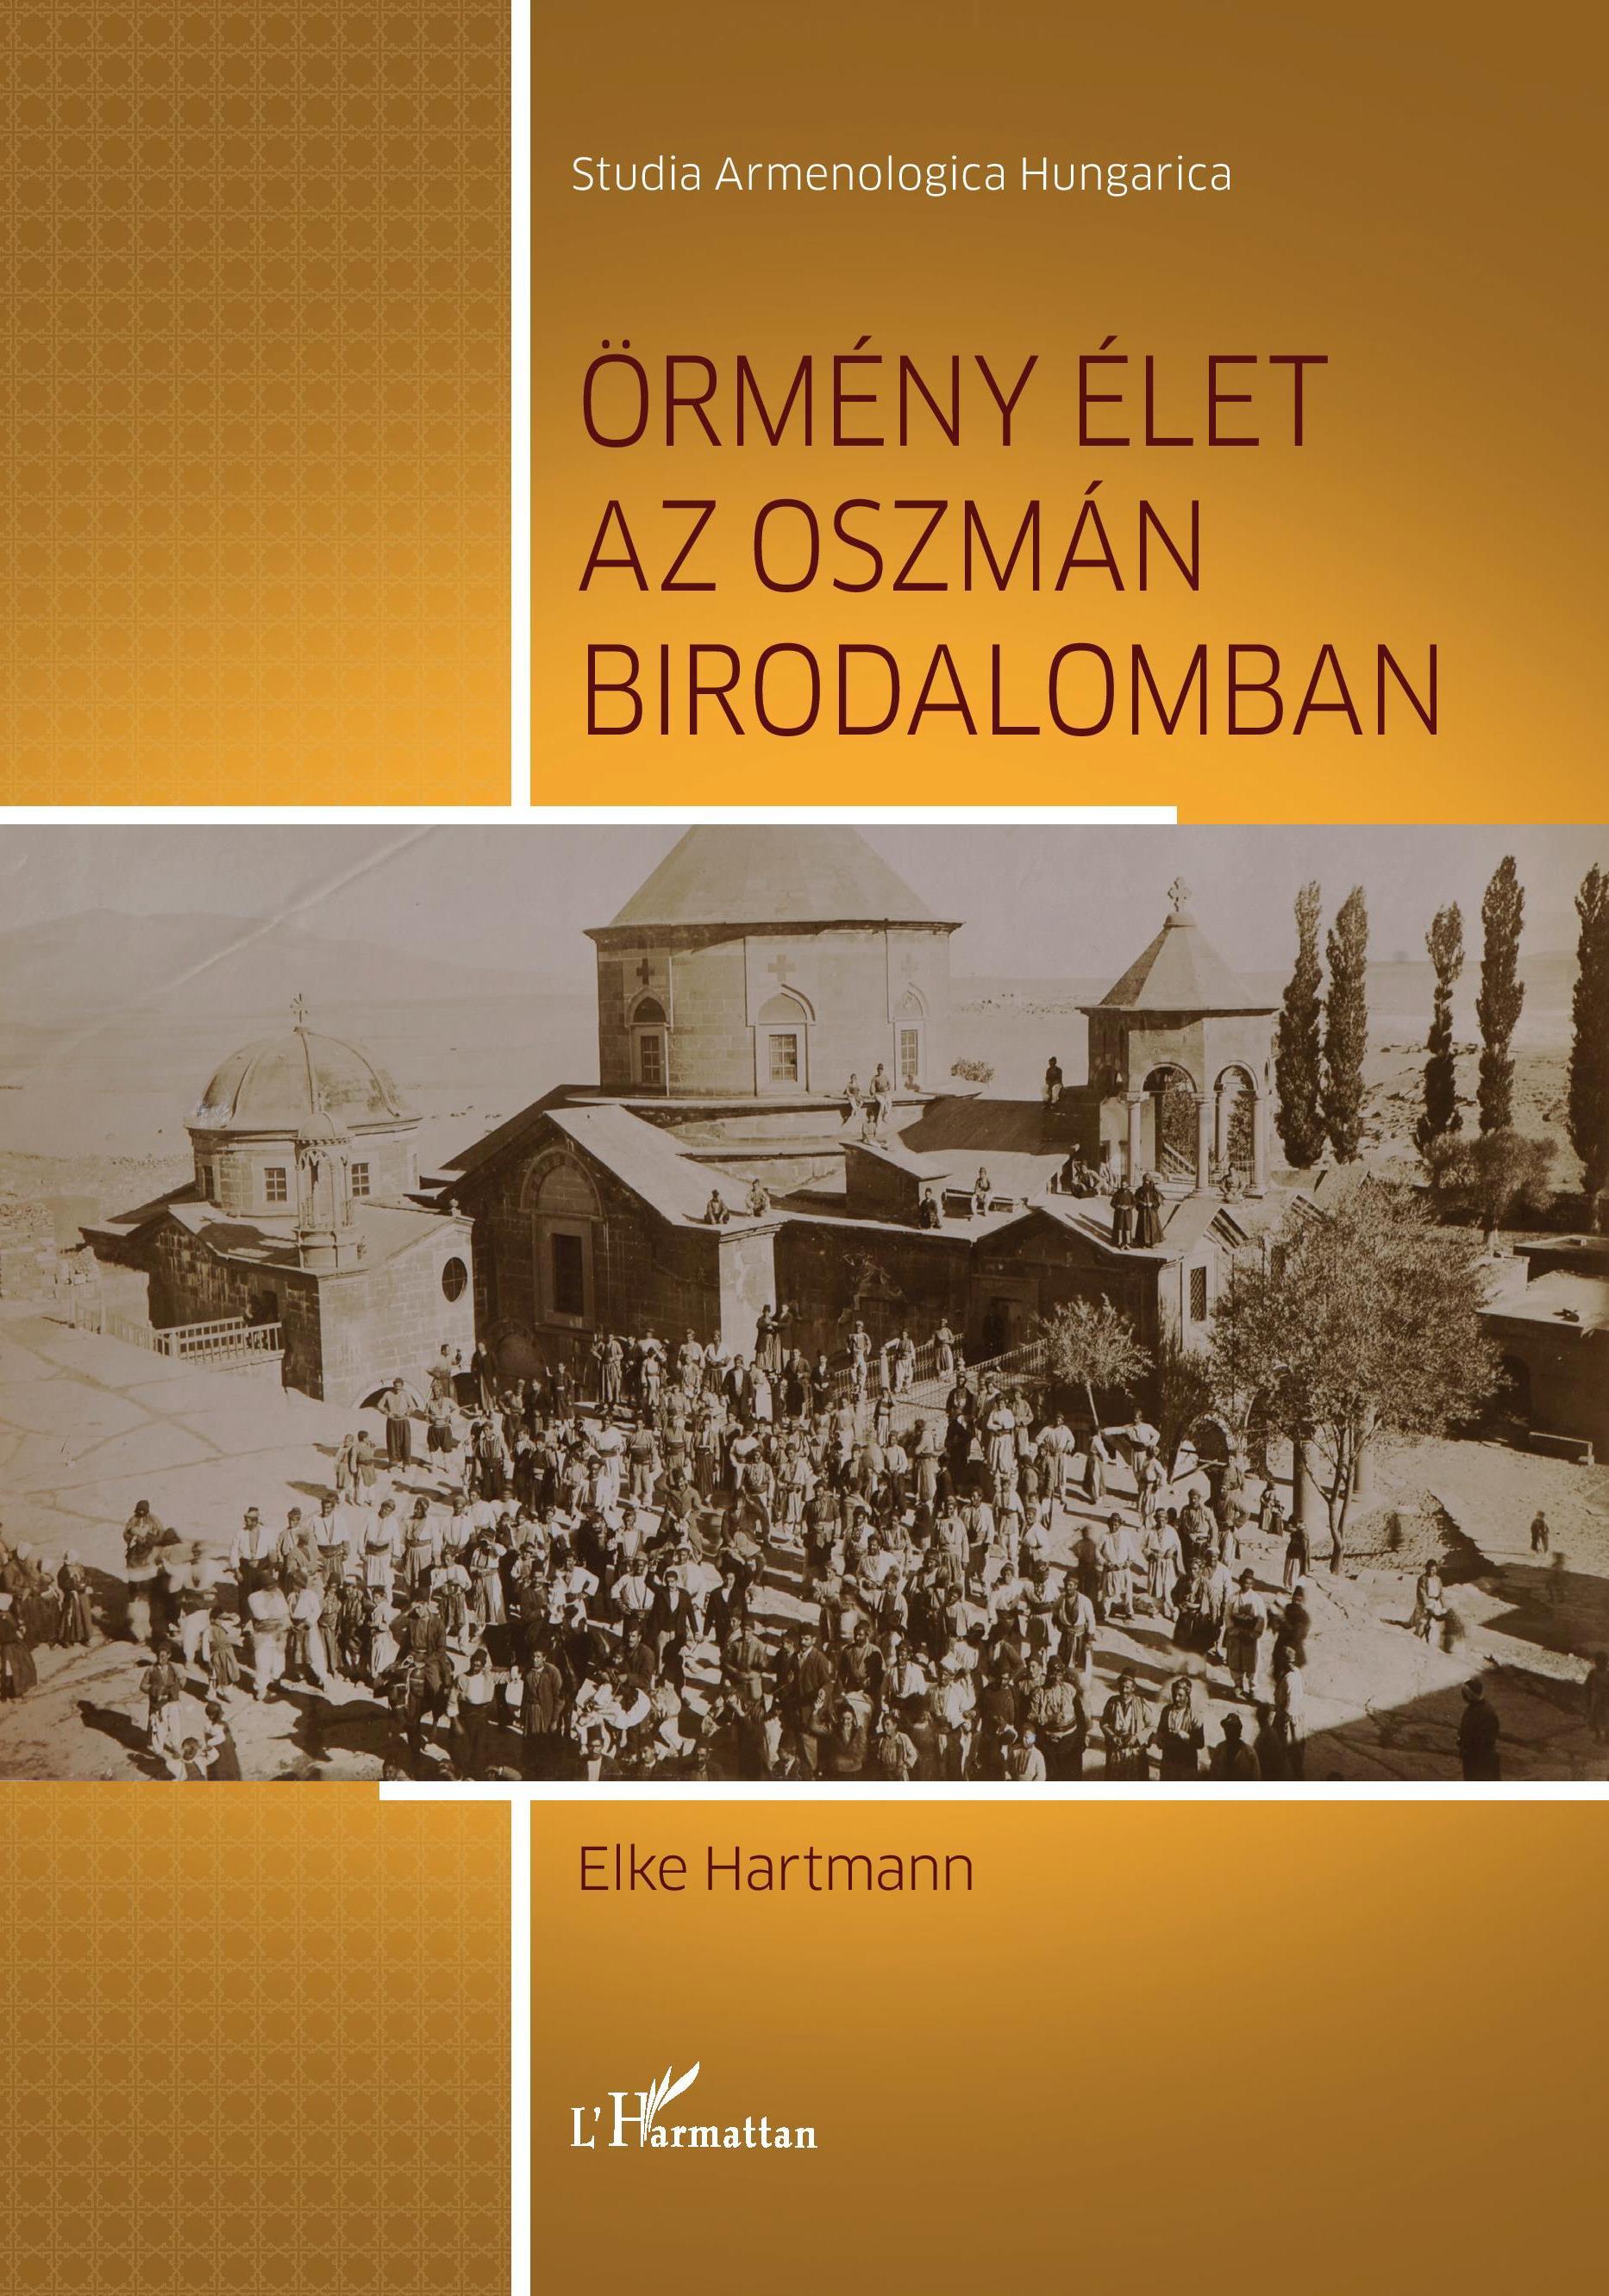 Hartmann, Elke: Örmény élet az Oszmán Birodalomban. L'Harmattan Kiadó, Budapest, 2020.